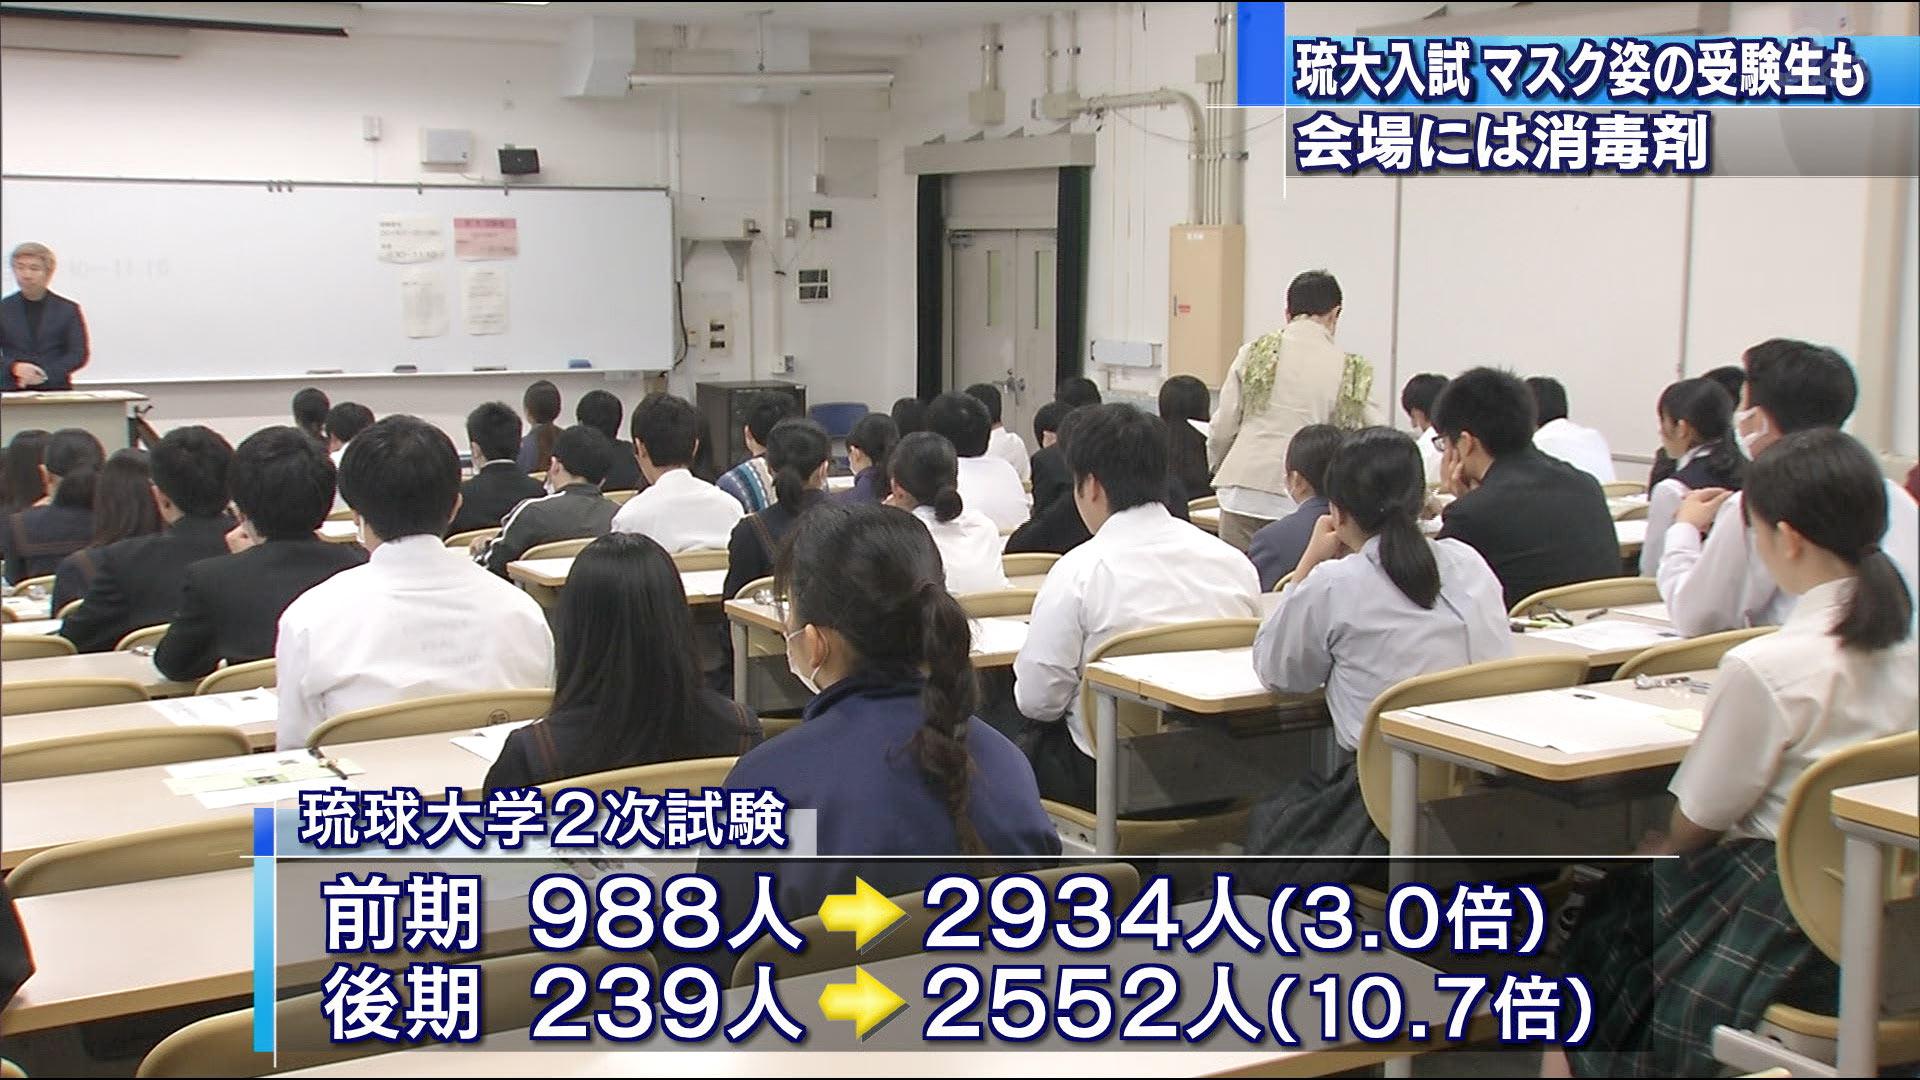 琉球大学 前期2次試験